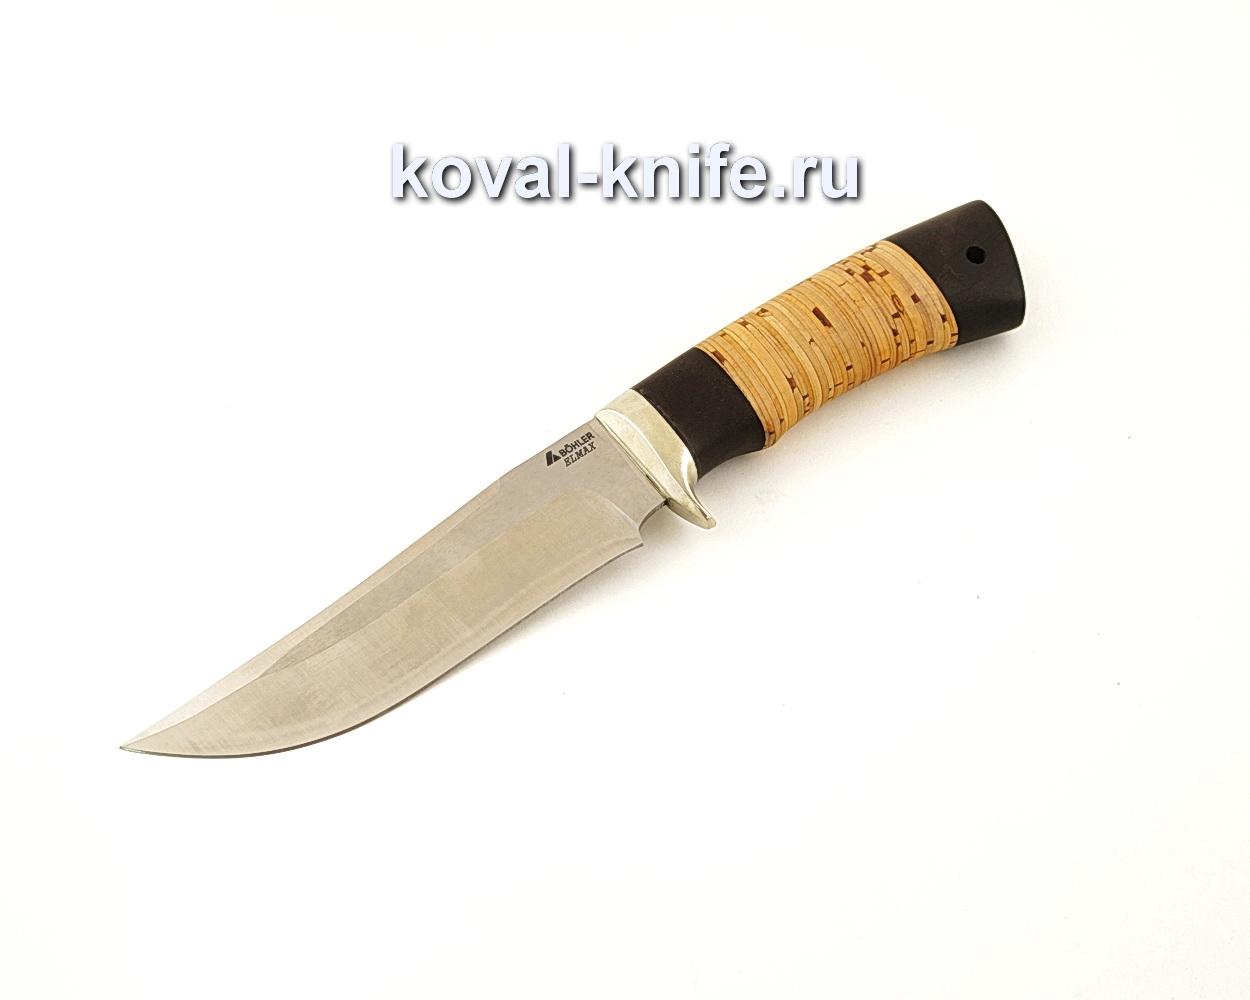 Нож Клыч из порошковой стали Elmax A637